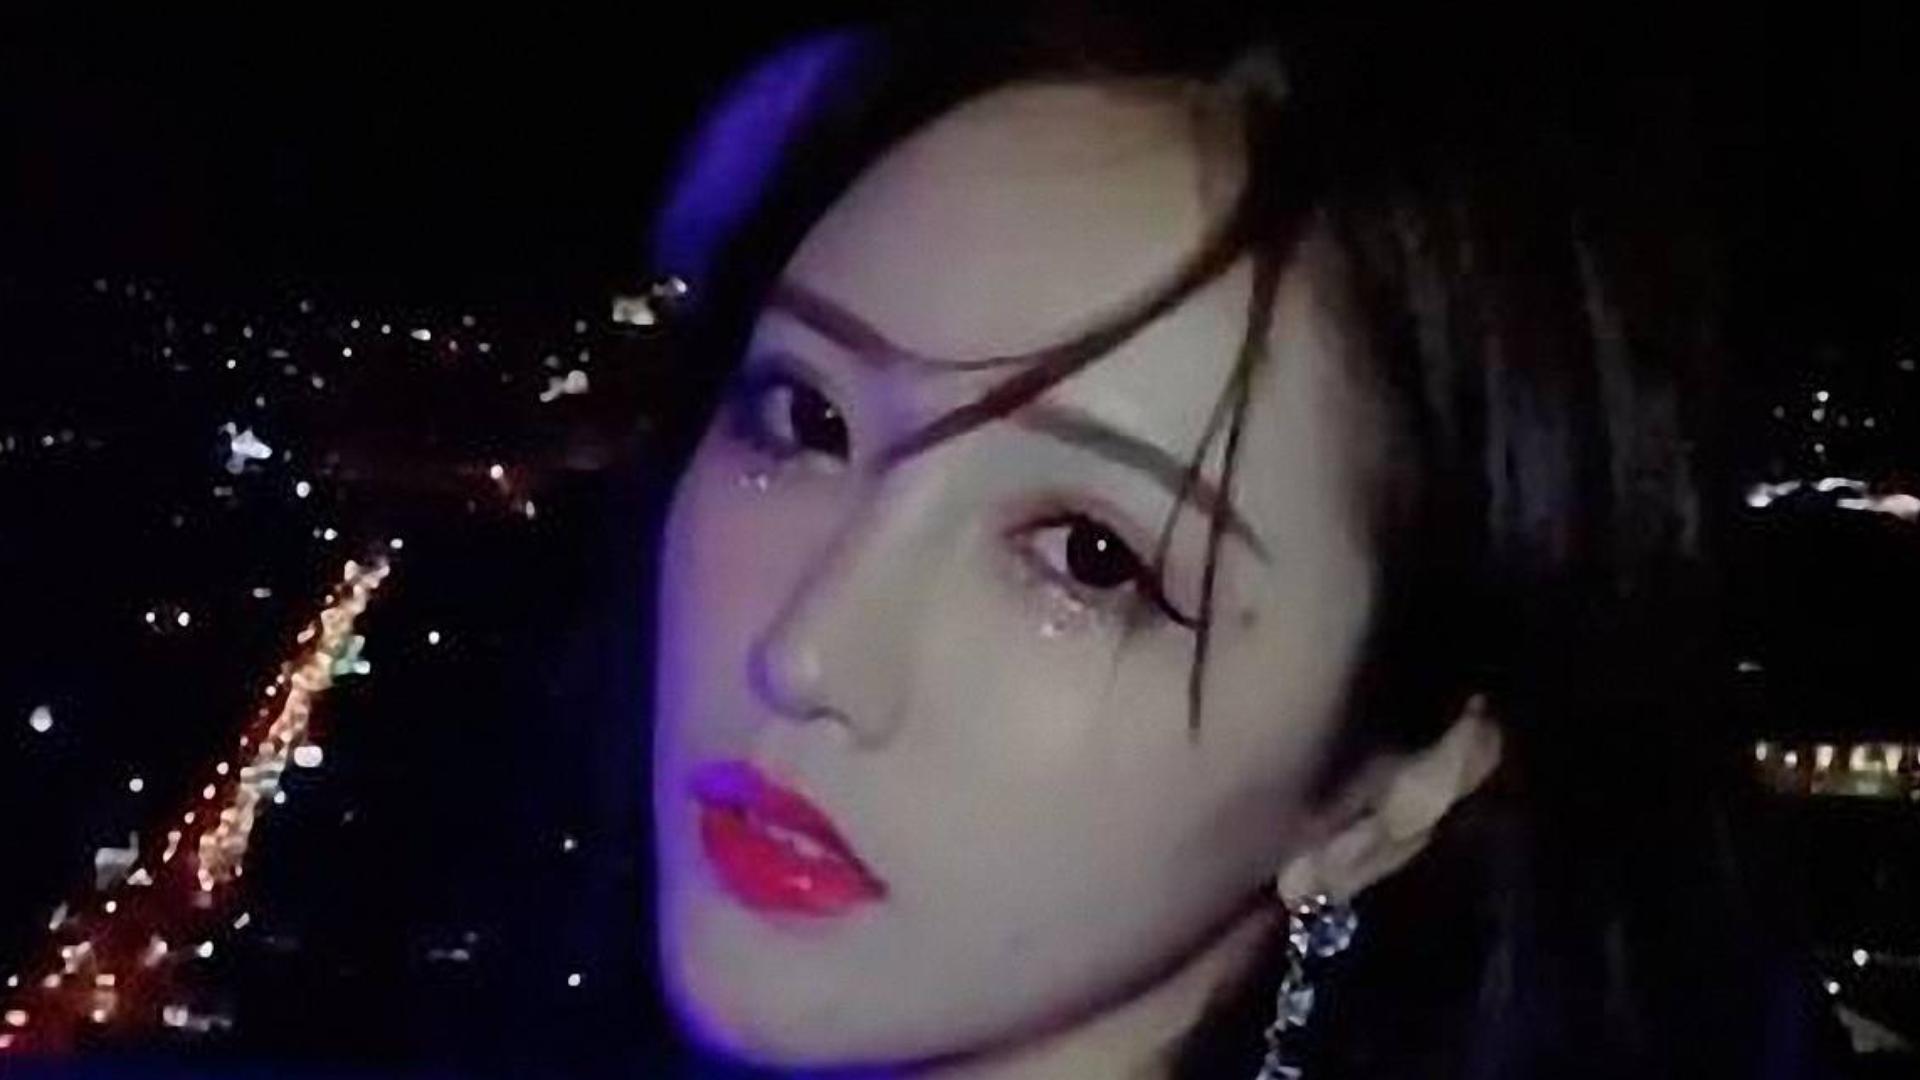 抖音中国不凡美女系列20191211天天之恋